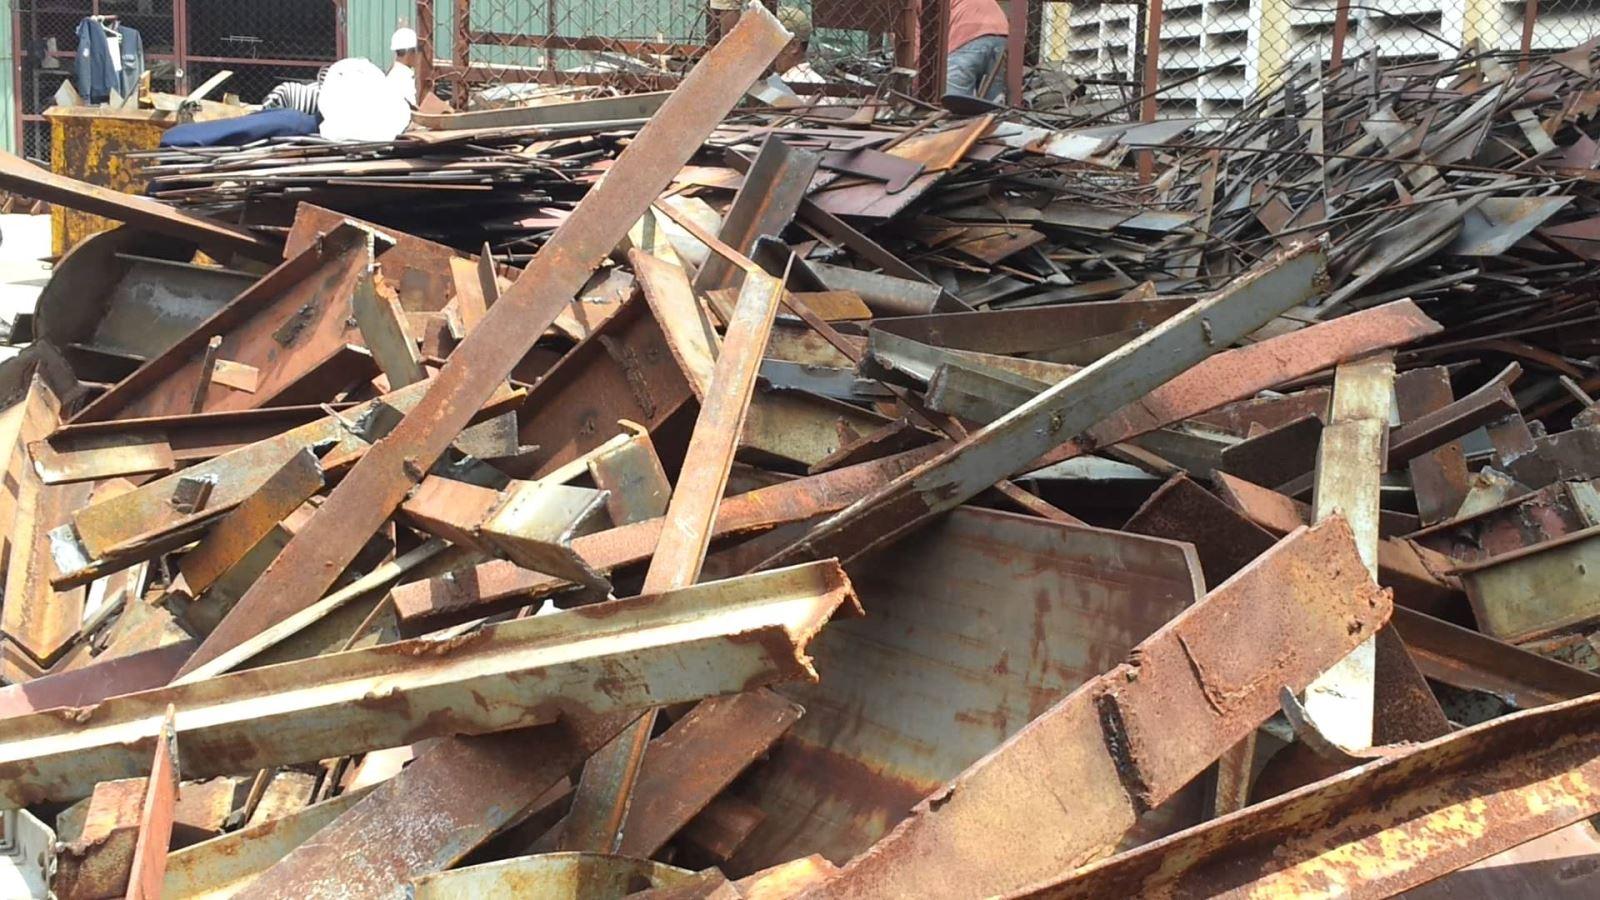 Thu mua phế liệu sắt nhôm inox đồng giá cao nhất tại Vũng Tàu